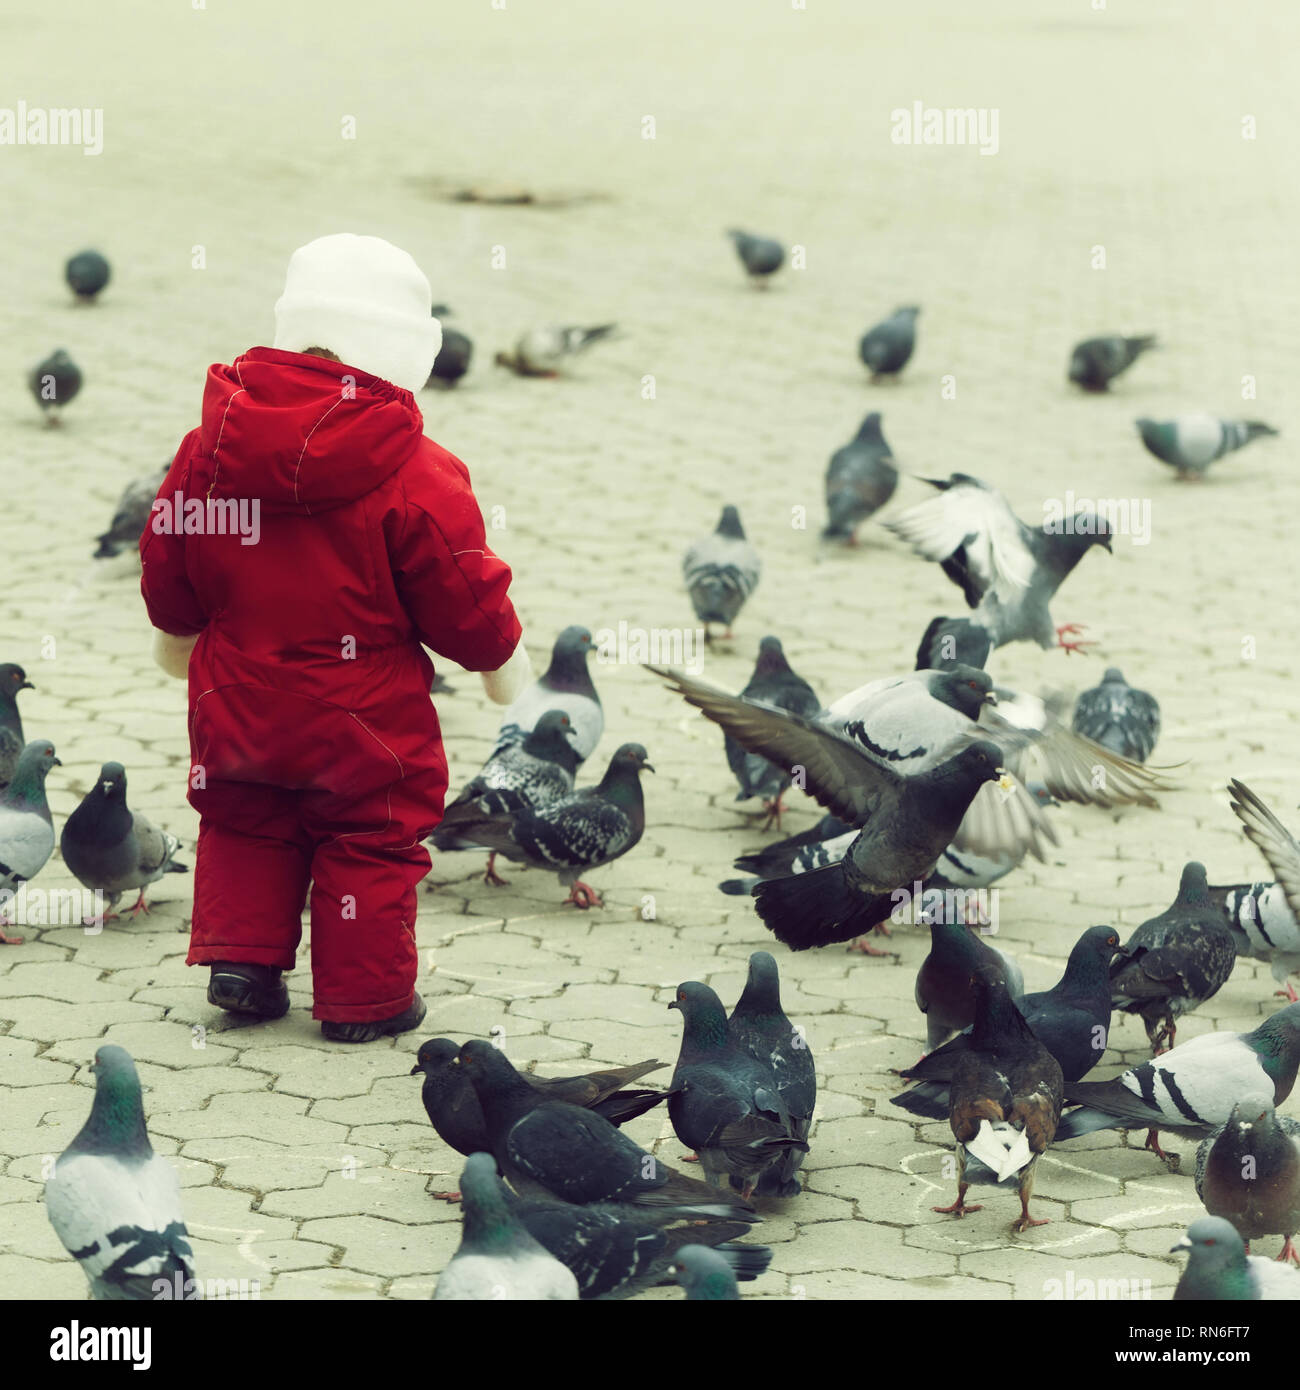 Bambino a piedi in rosso caldo nel complesso con piccioni Foto Stock